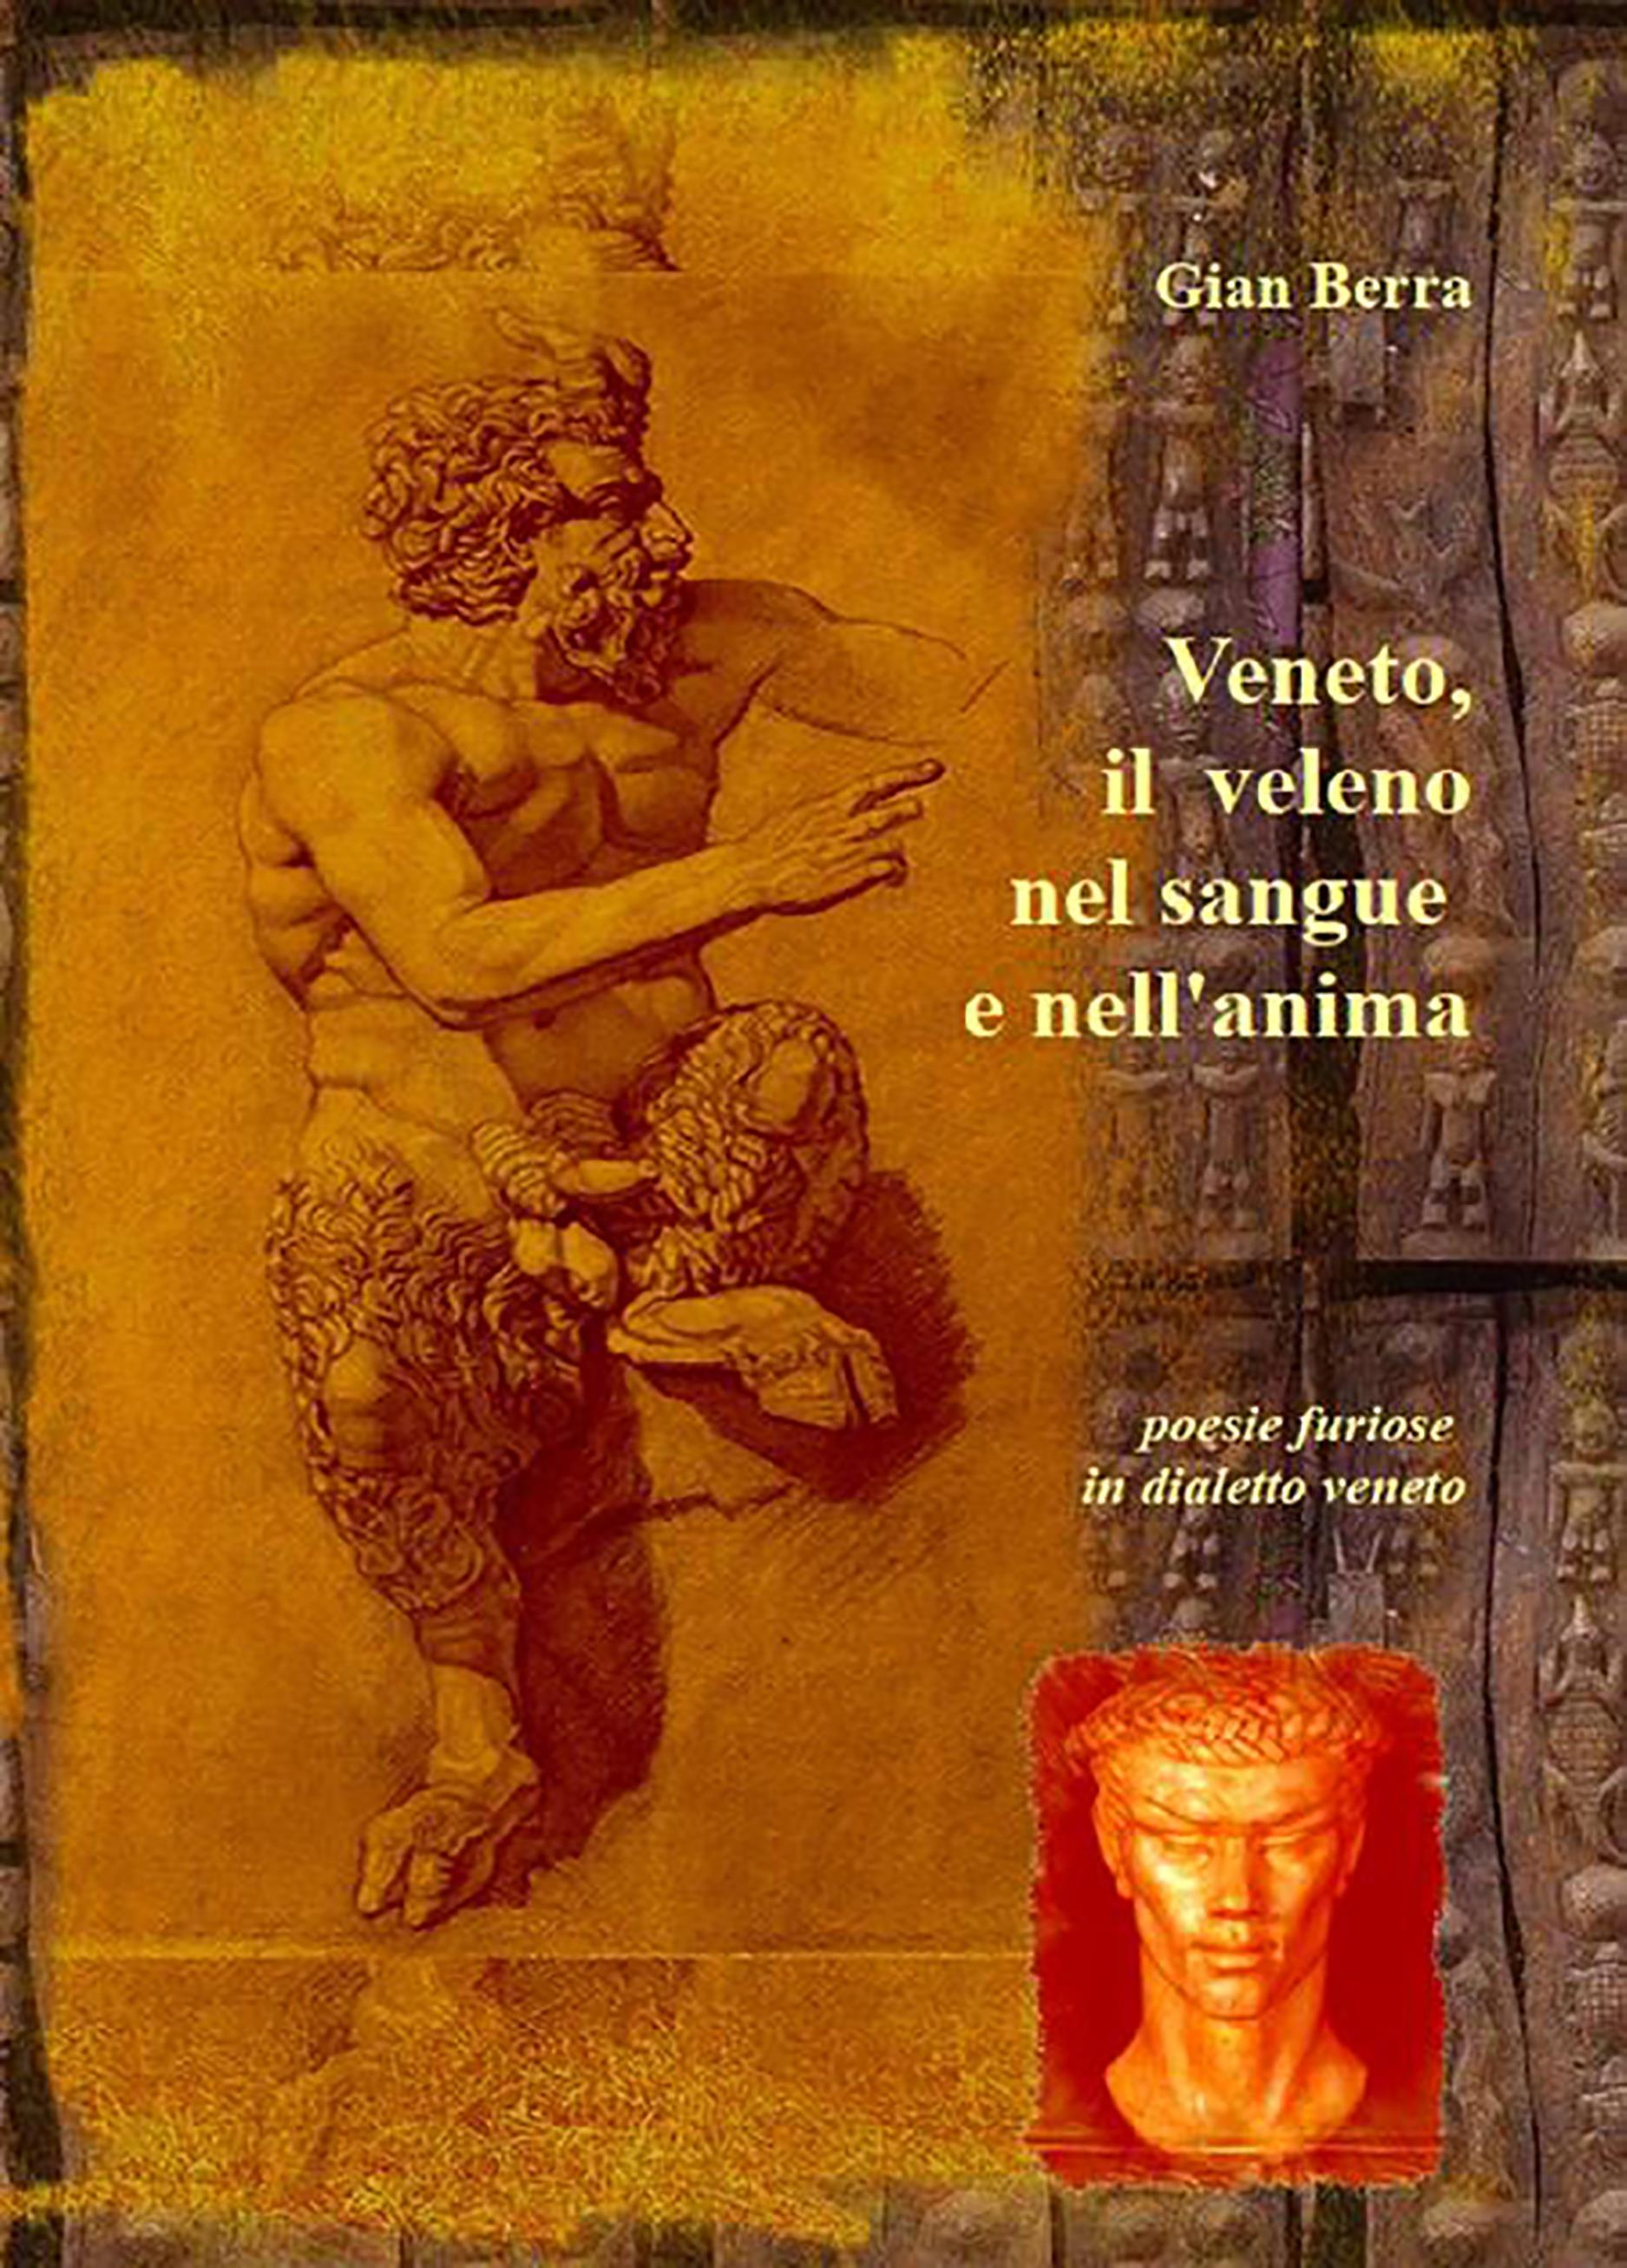 Veneto, il veleno nel sangue e nell'anima. Poesie in dialetto veneto con traduzione in italiano